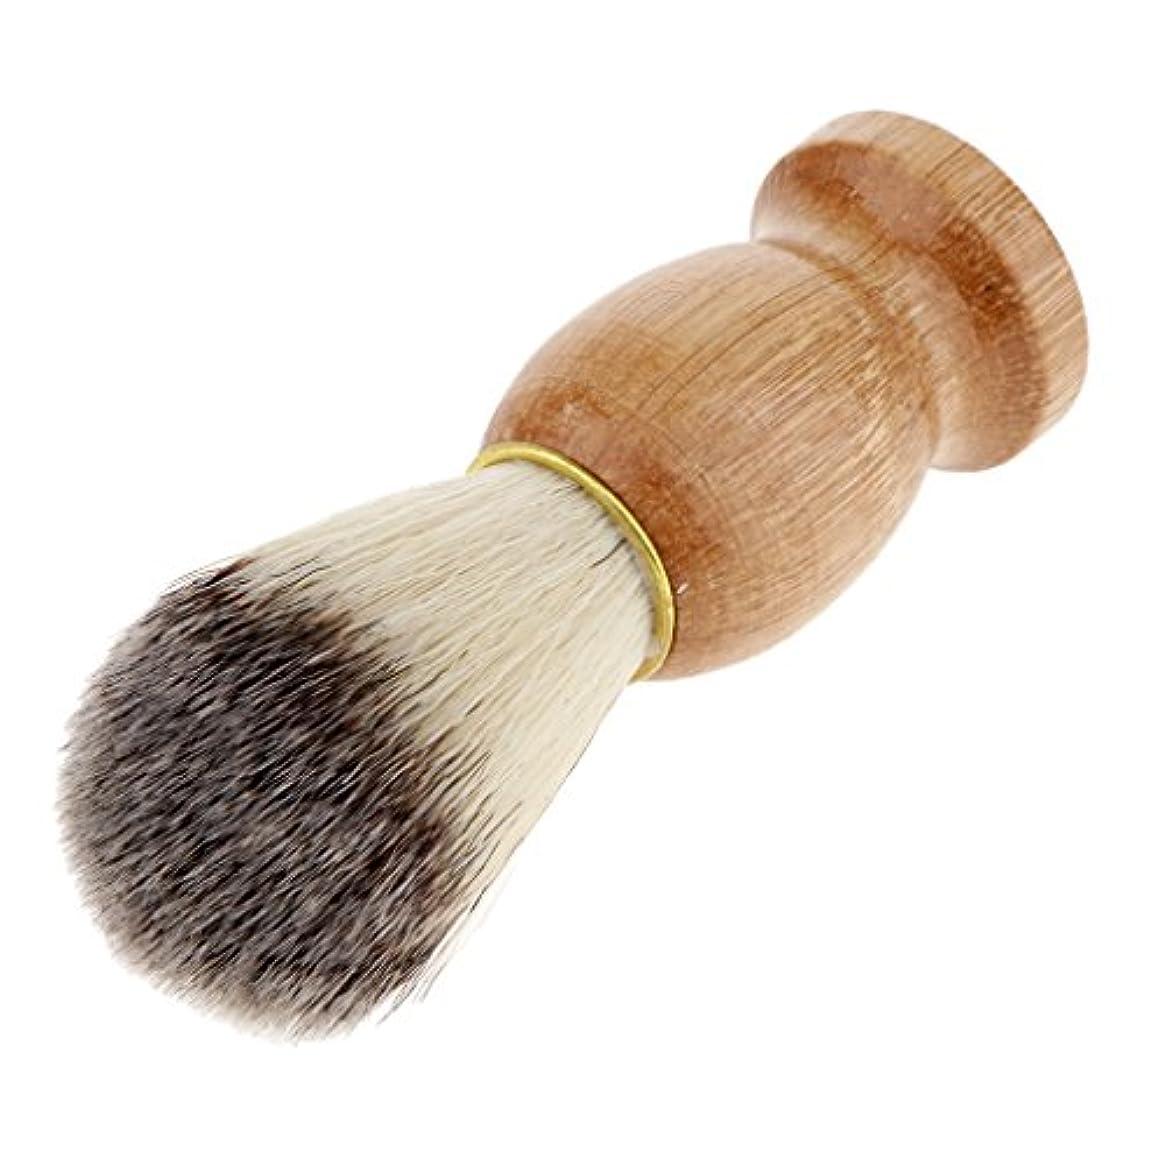 歩く組狂信者シェービングブラシ コスメブラシ 木製ハンドル メンズ ひげ剃りブラシ プレゼント